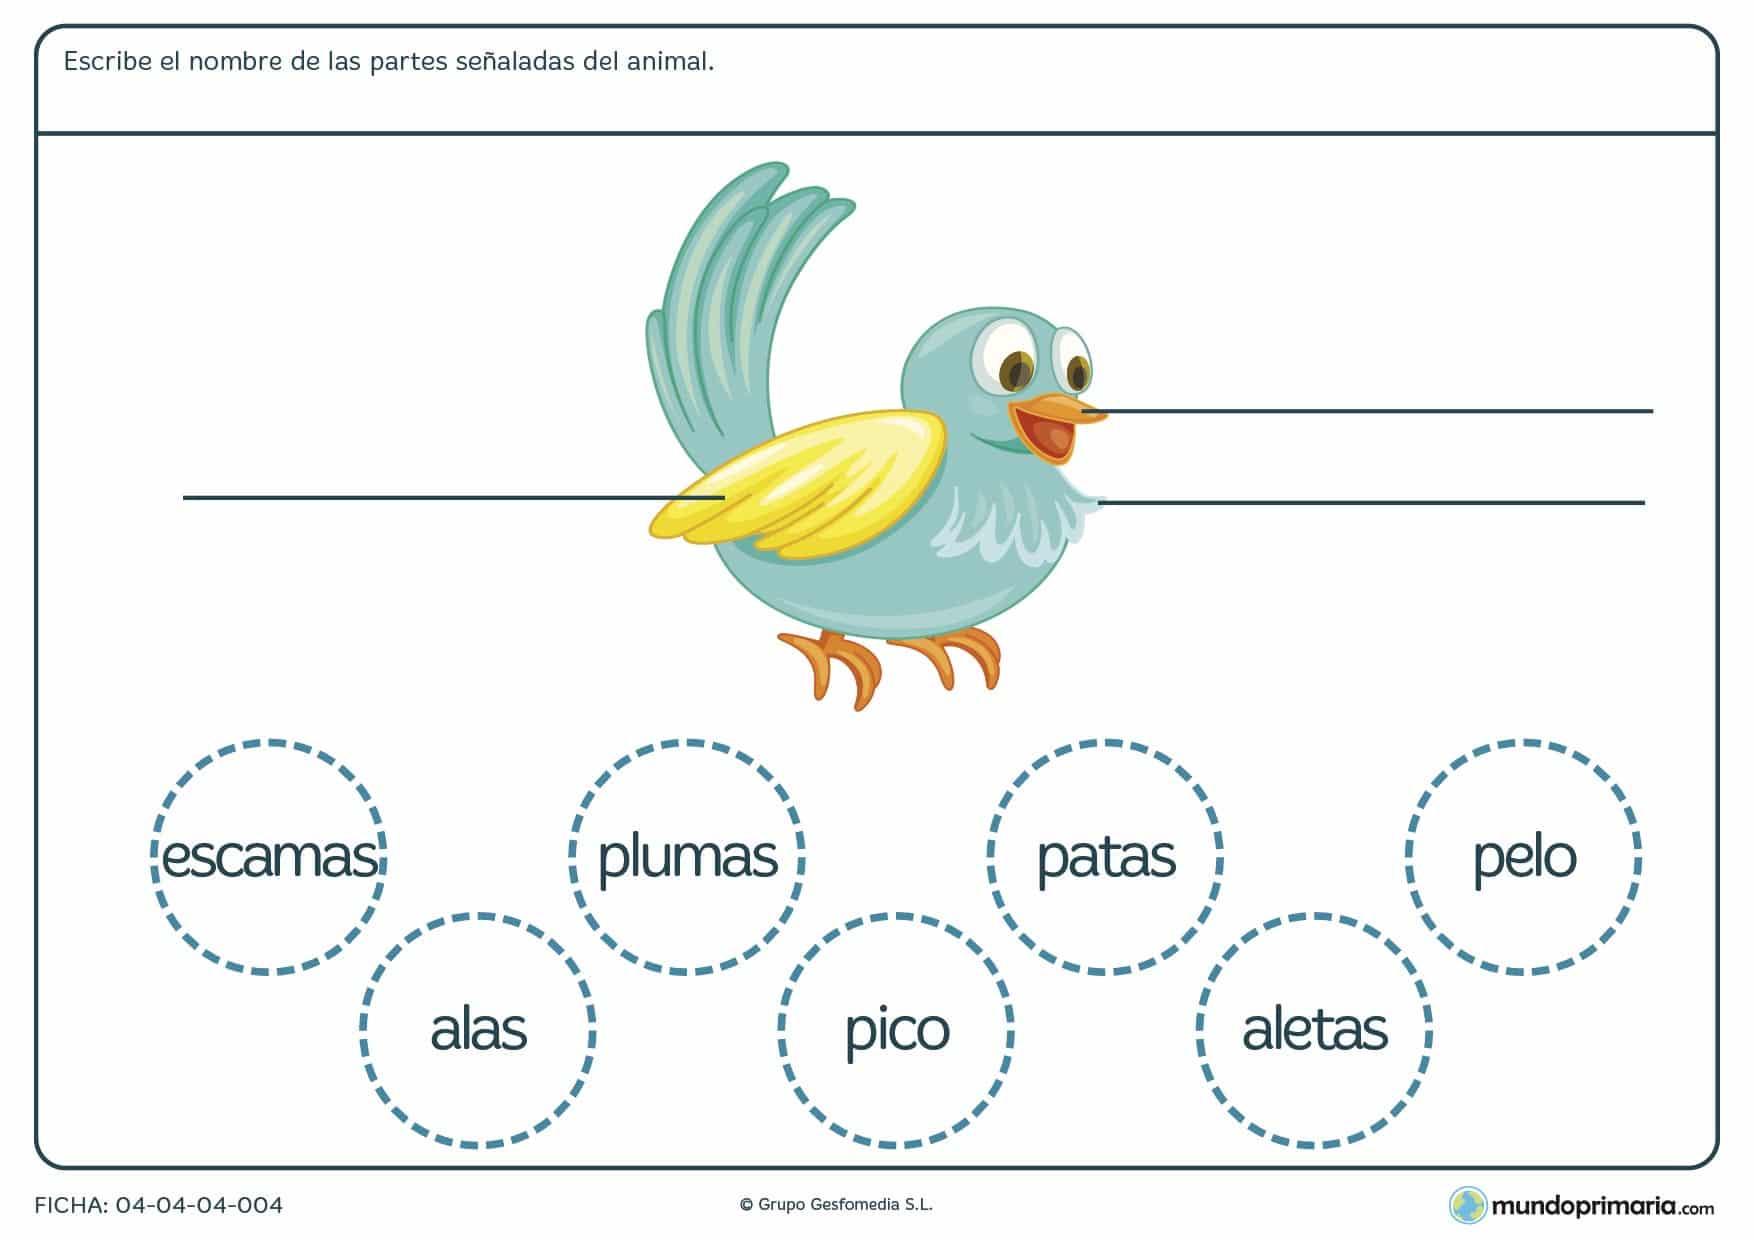 Ficha de las partes del pájaro en el que hay que escribir las partes del animal según corresponda y eligiendo entre las opciones proporcionadas en el ejercicio.